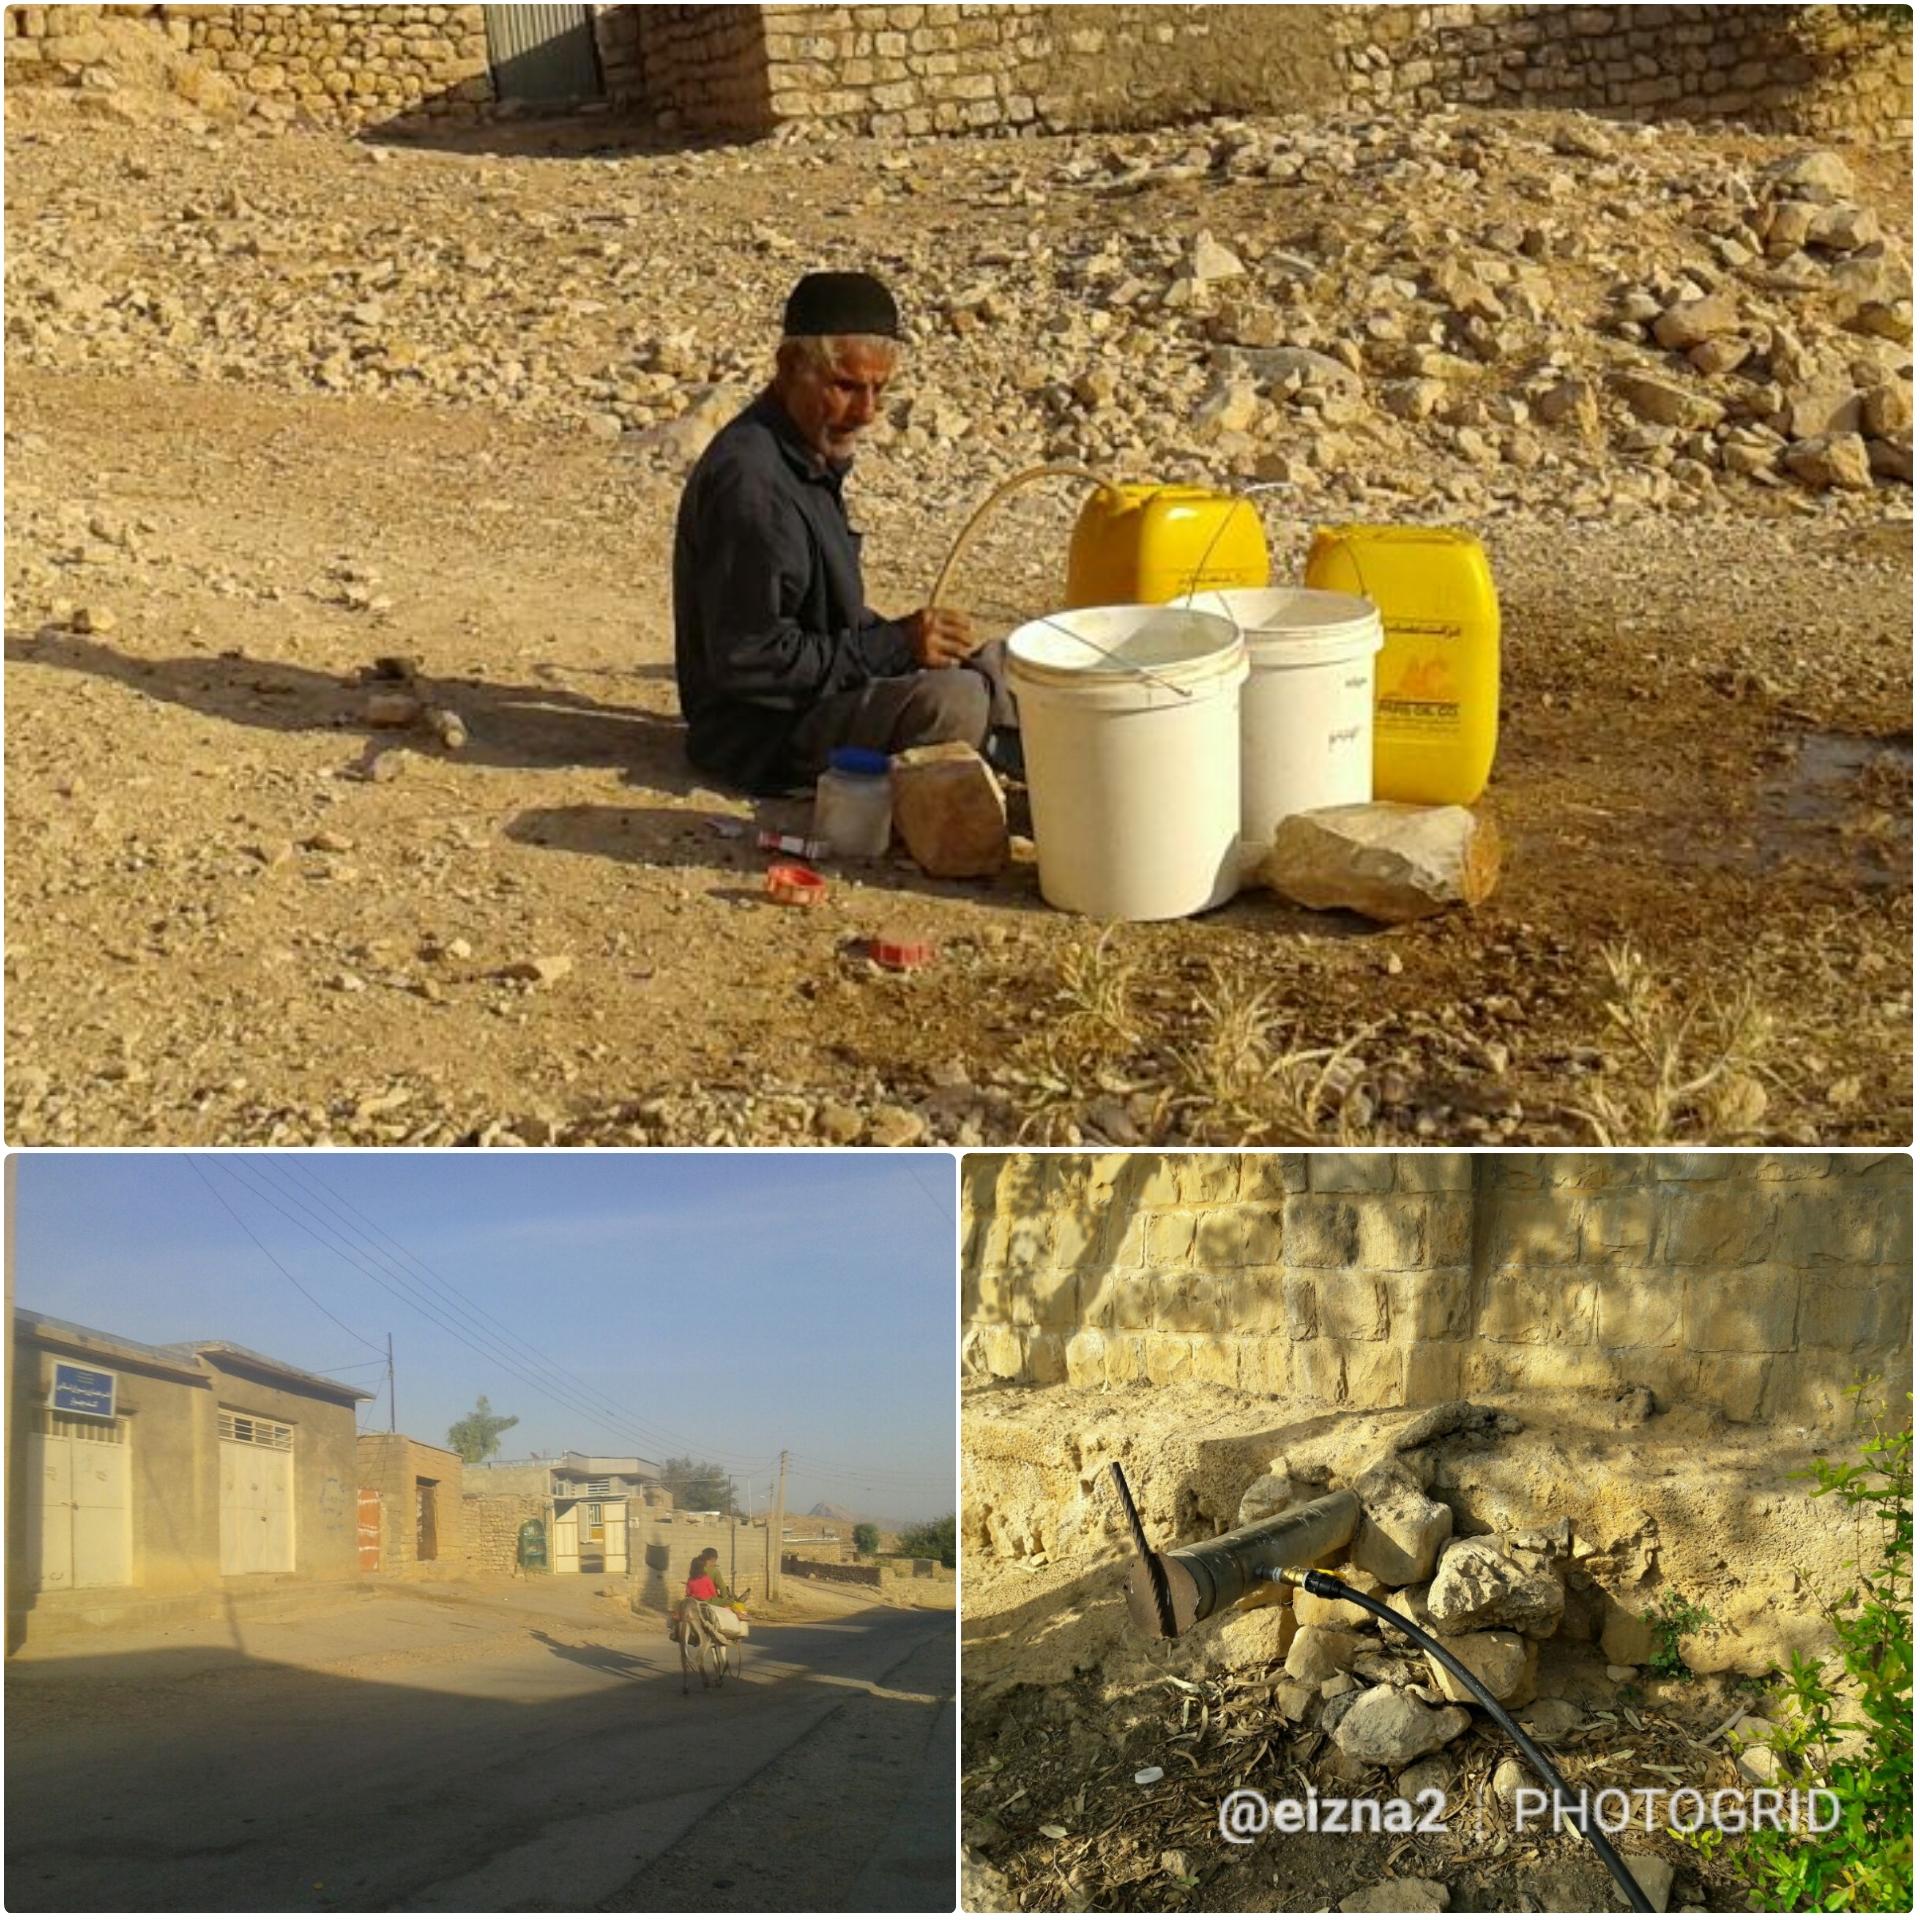 عکس | اندرحکایت بحران ادامهدار آب در روستای تاکوتر/از استفاده آب شرب منبع آب روستابرای باغداری تاگرایش به روش سنتی تامین آب